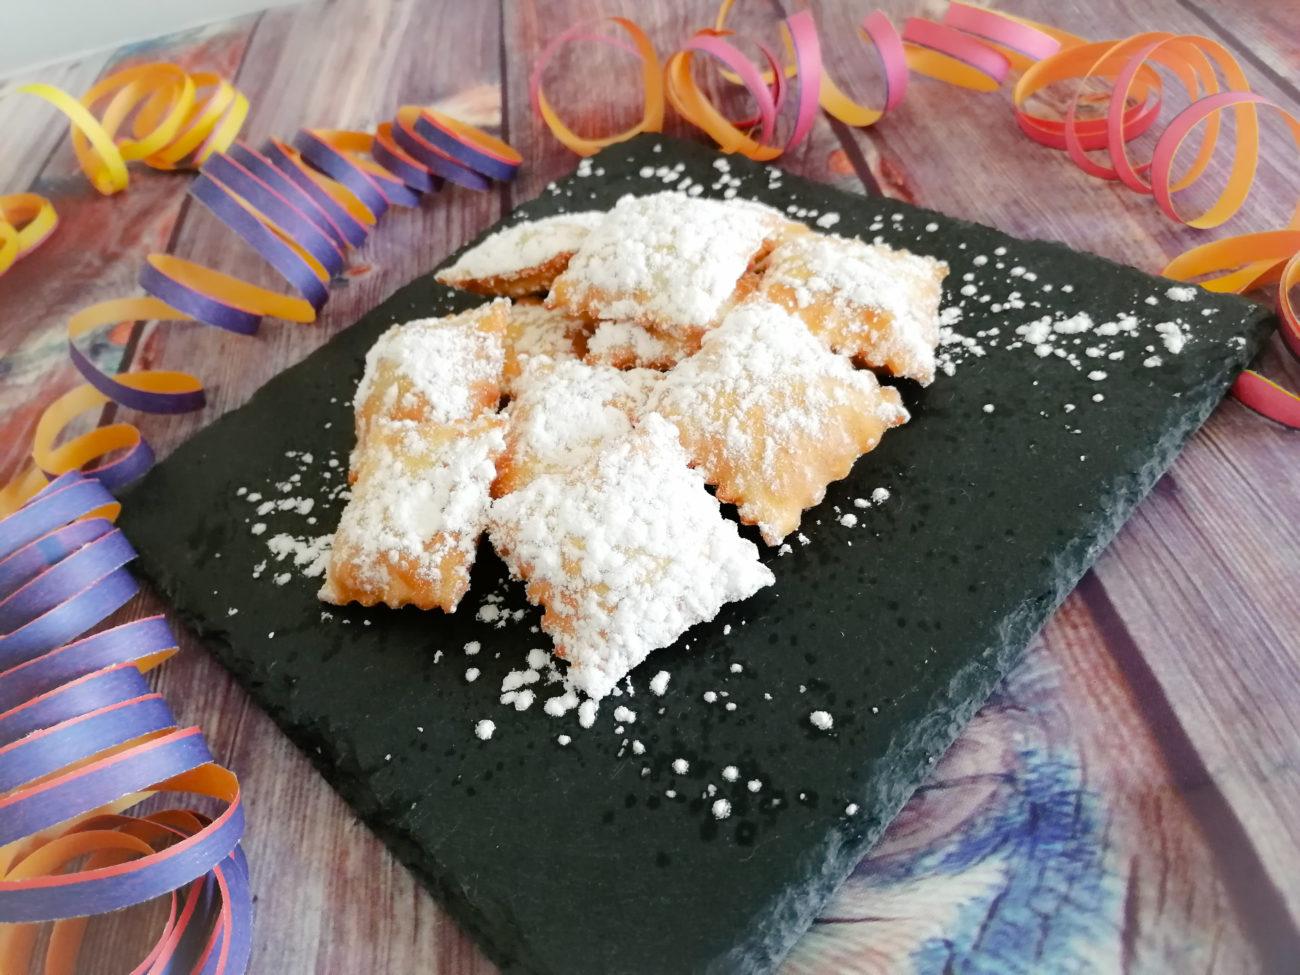 Bocconcini fritti ripieni di confettura ai frutti di bosco